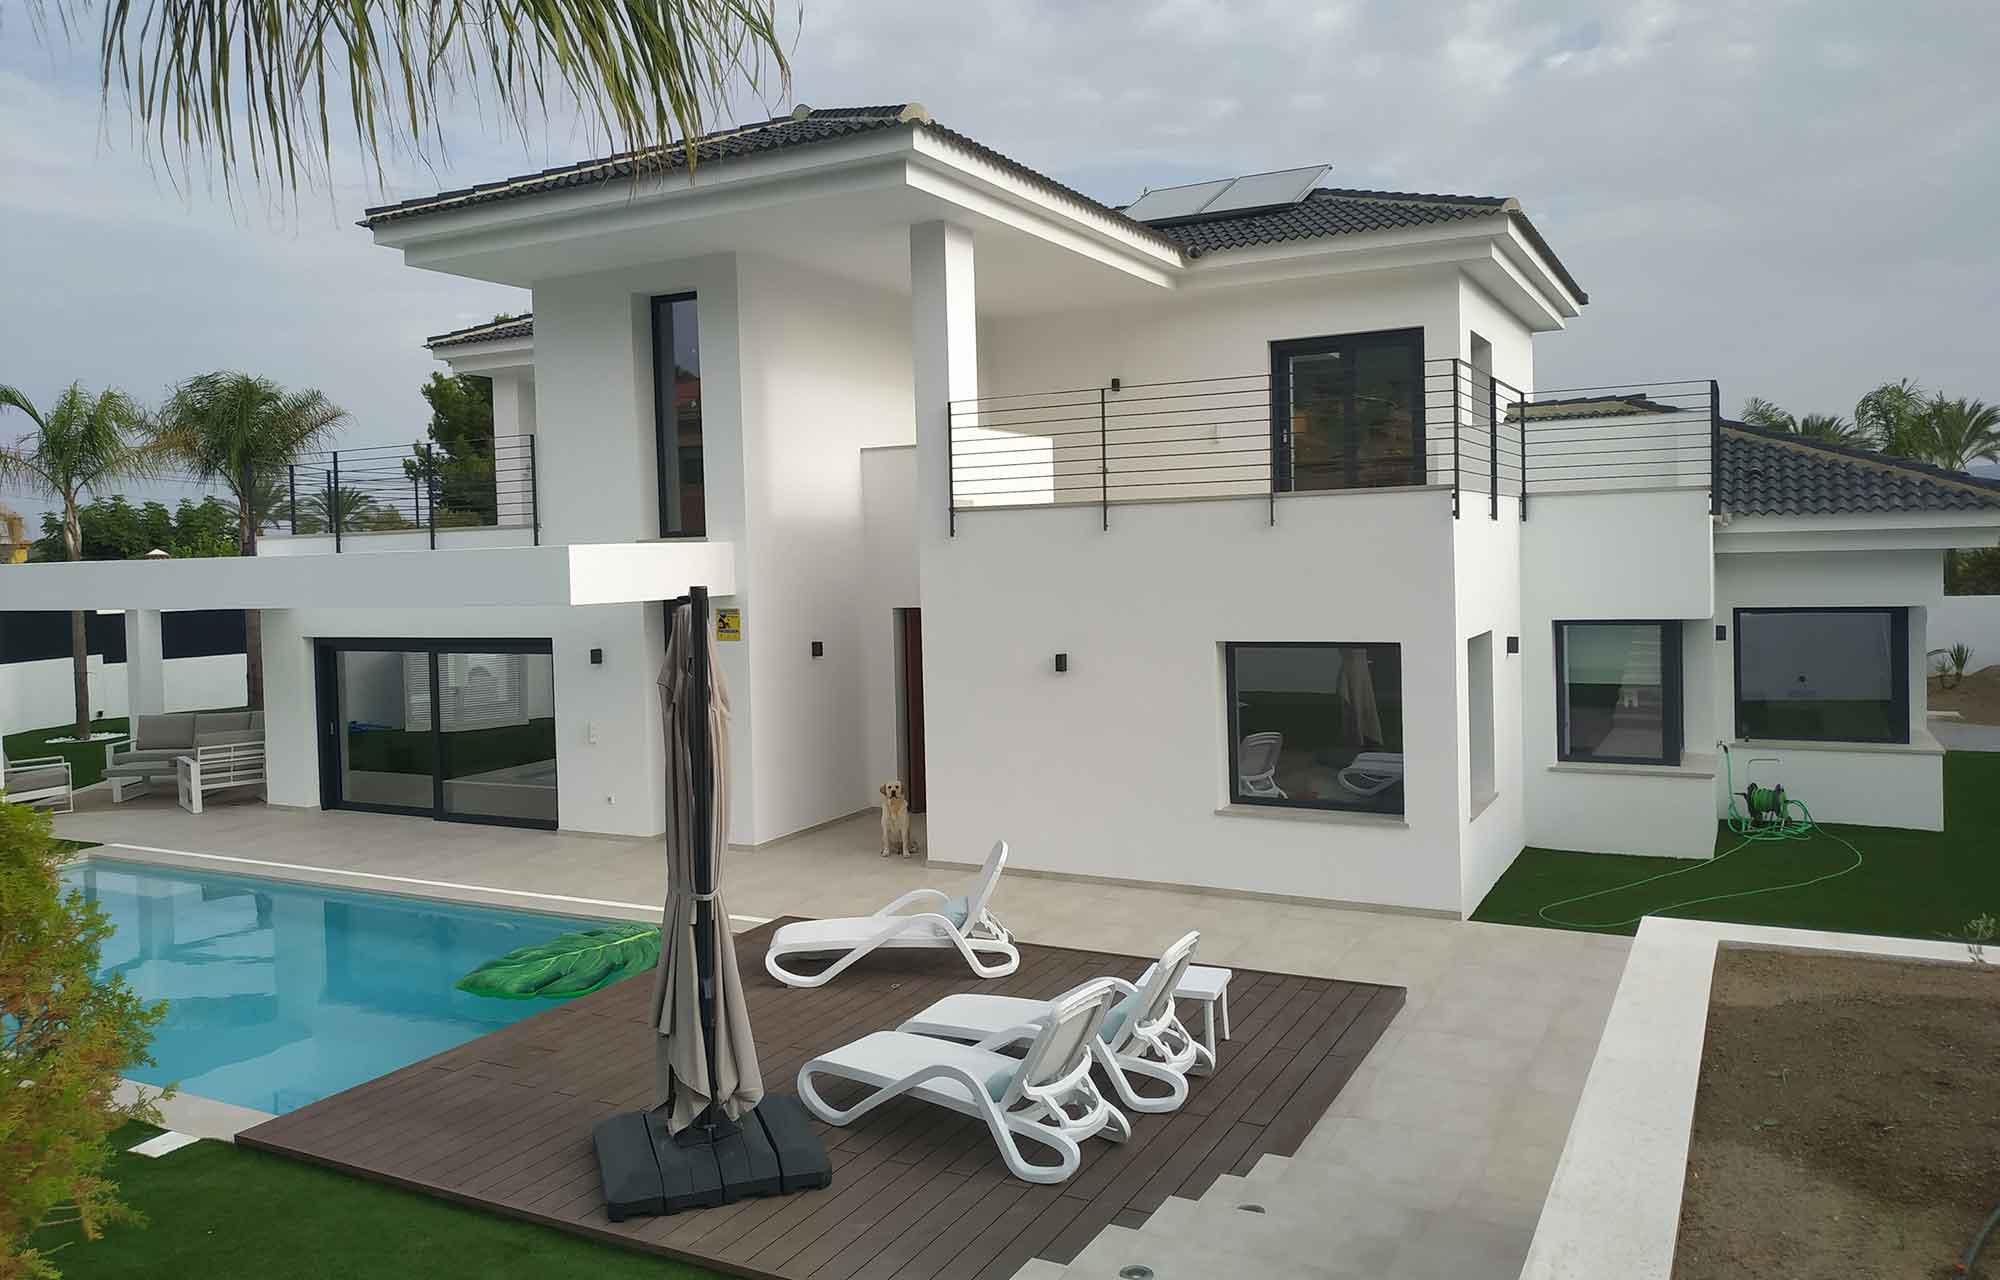 vivienda unifamiliar arquitectos malaga